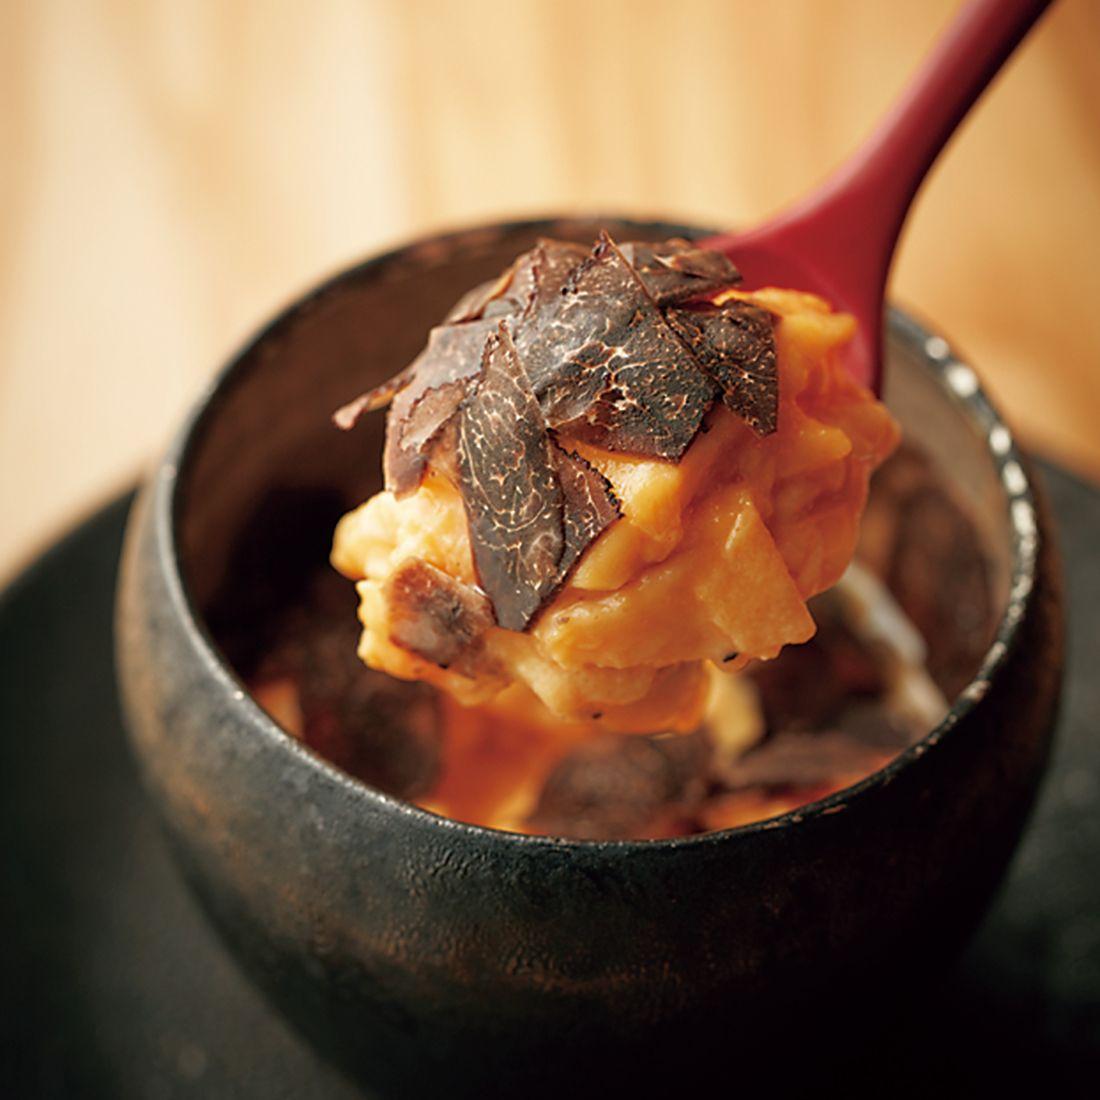 飛来幸鶏の卵の美味しさを黒トリュフとともに味わうオムレツ。